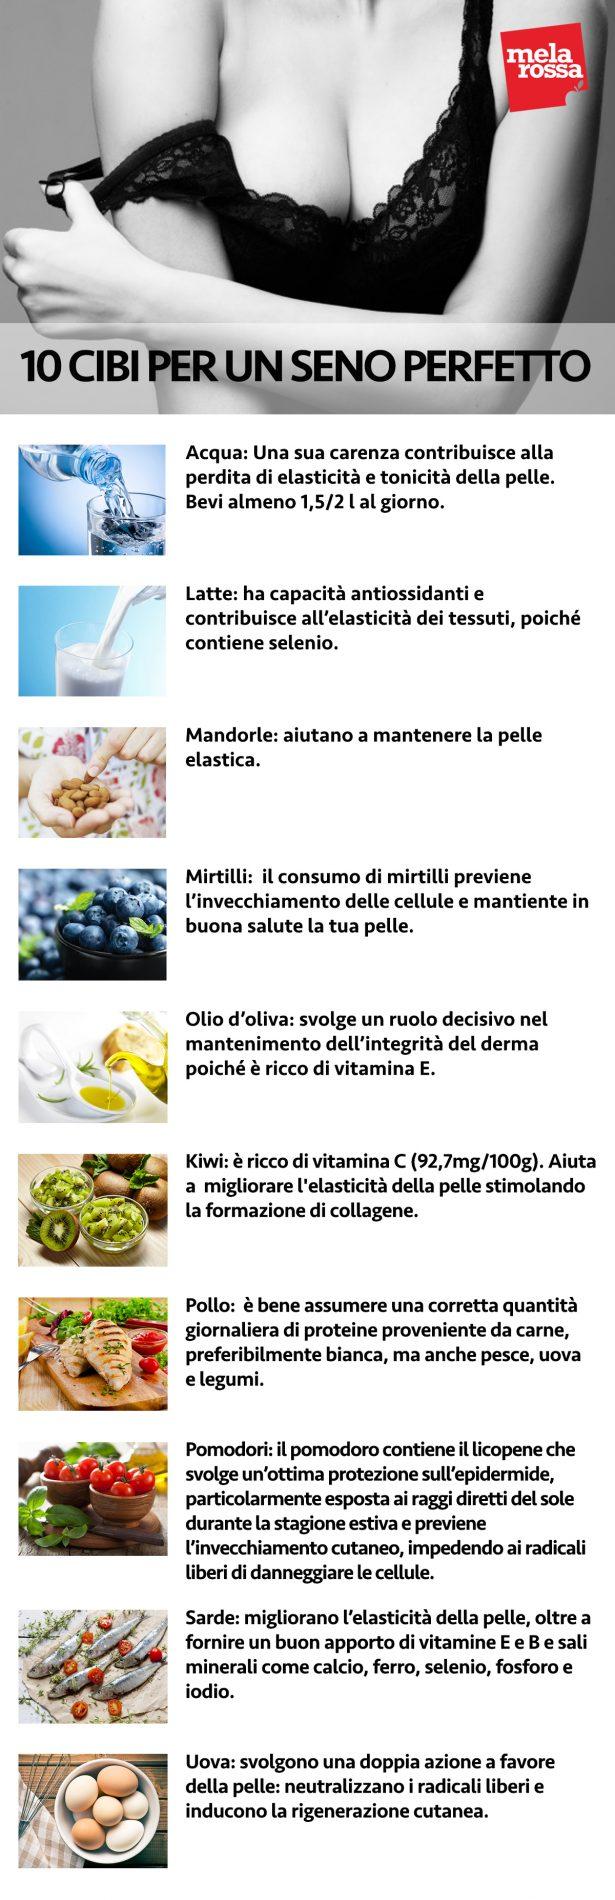 dieta per aumentare il seno: cibi